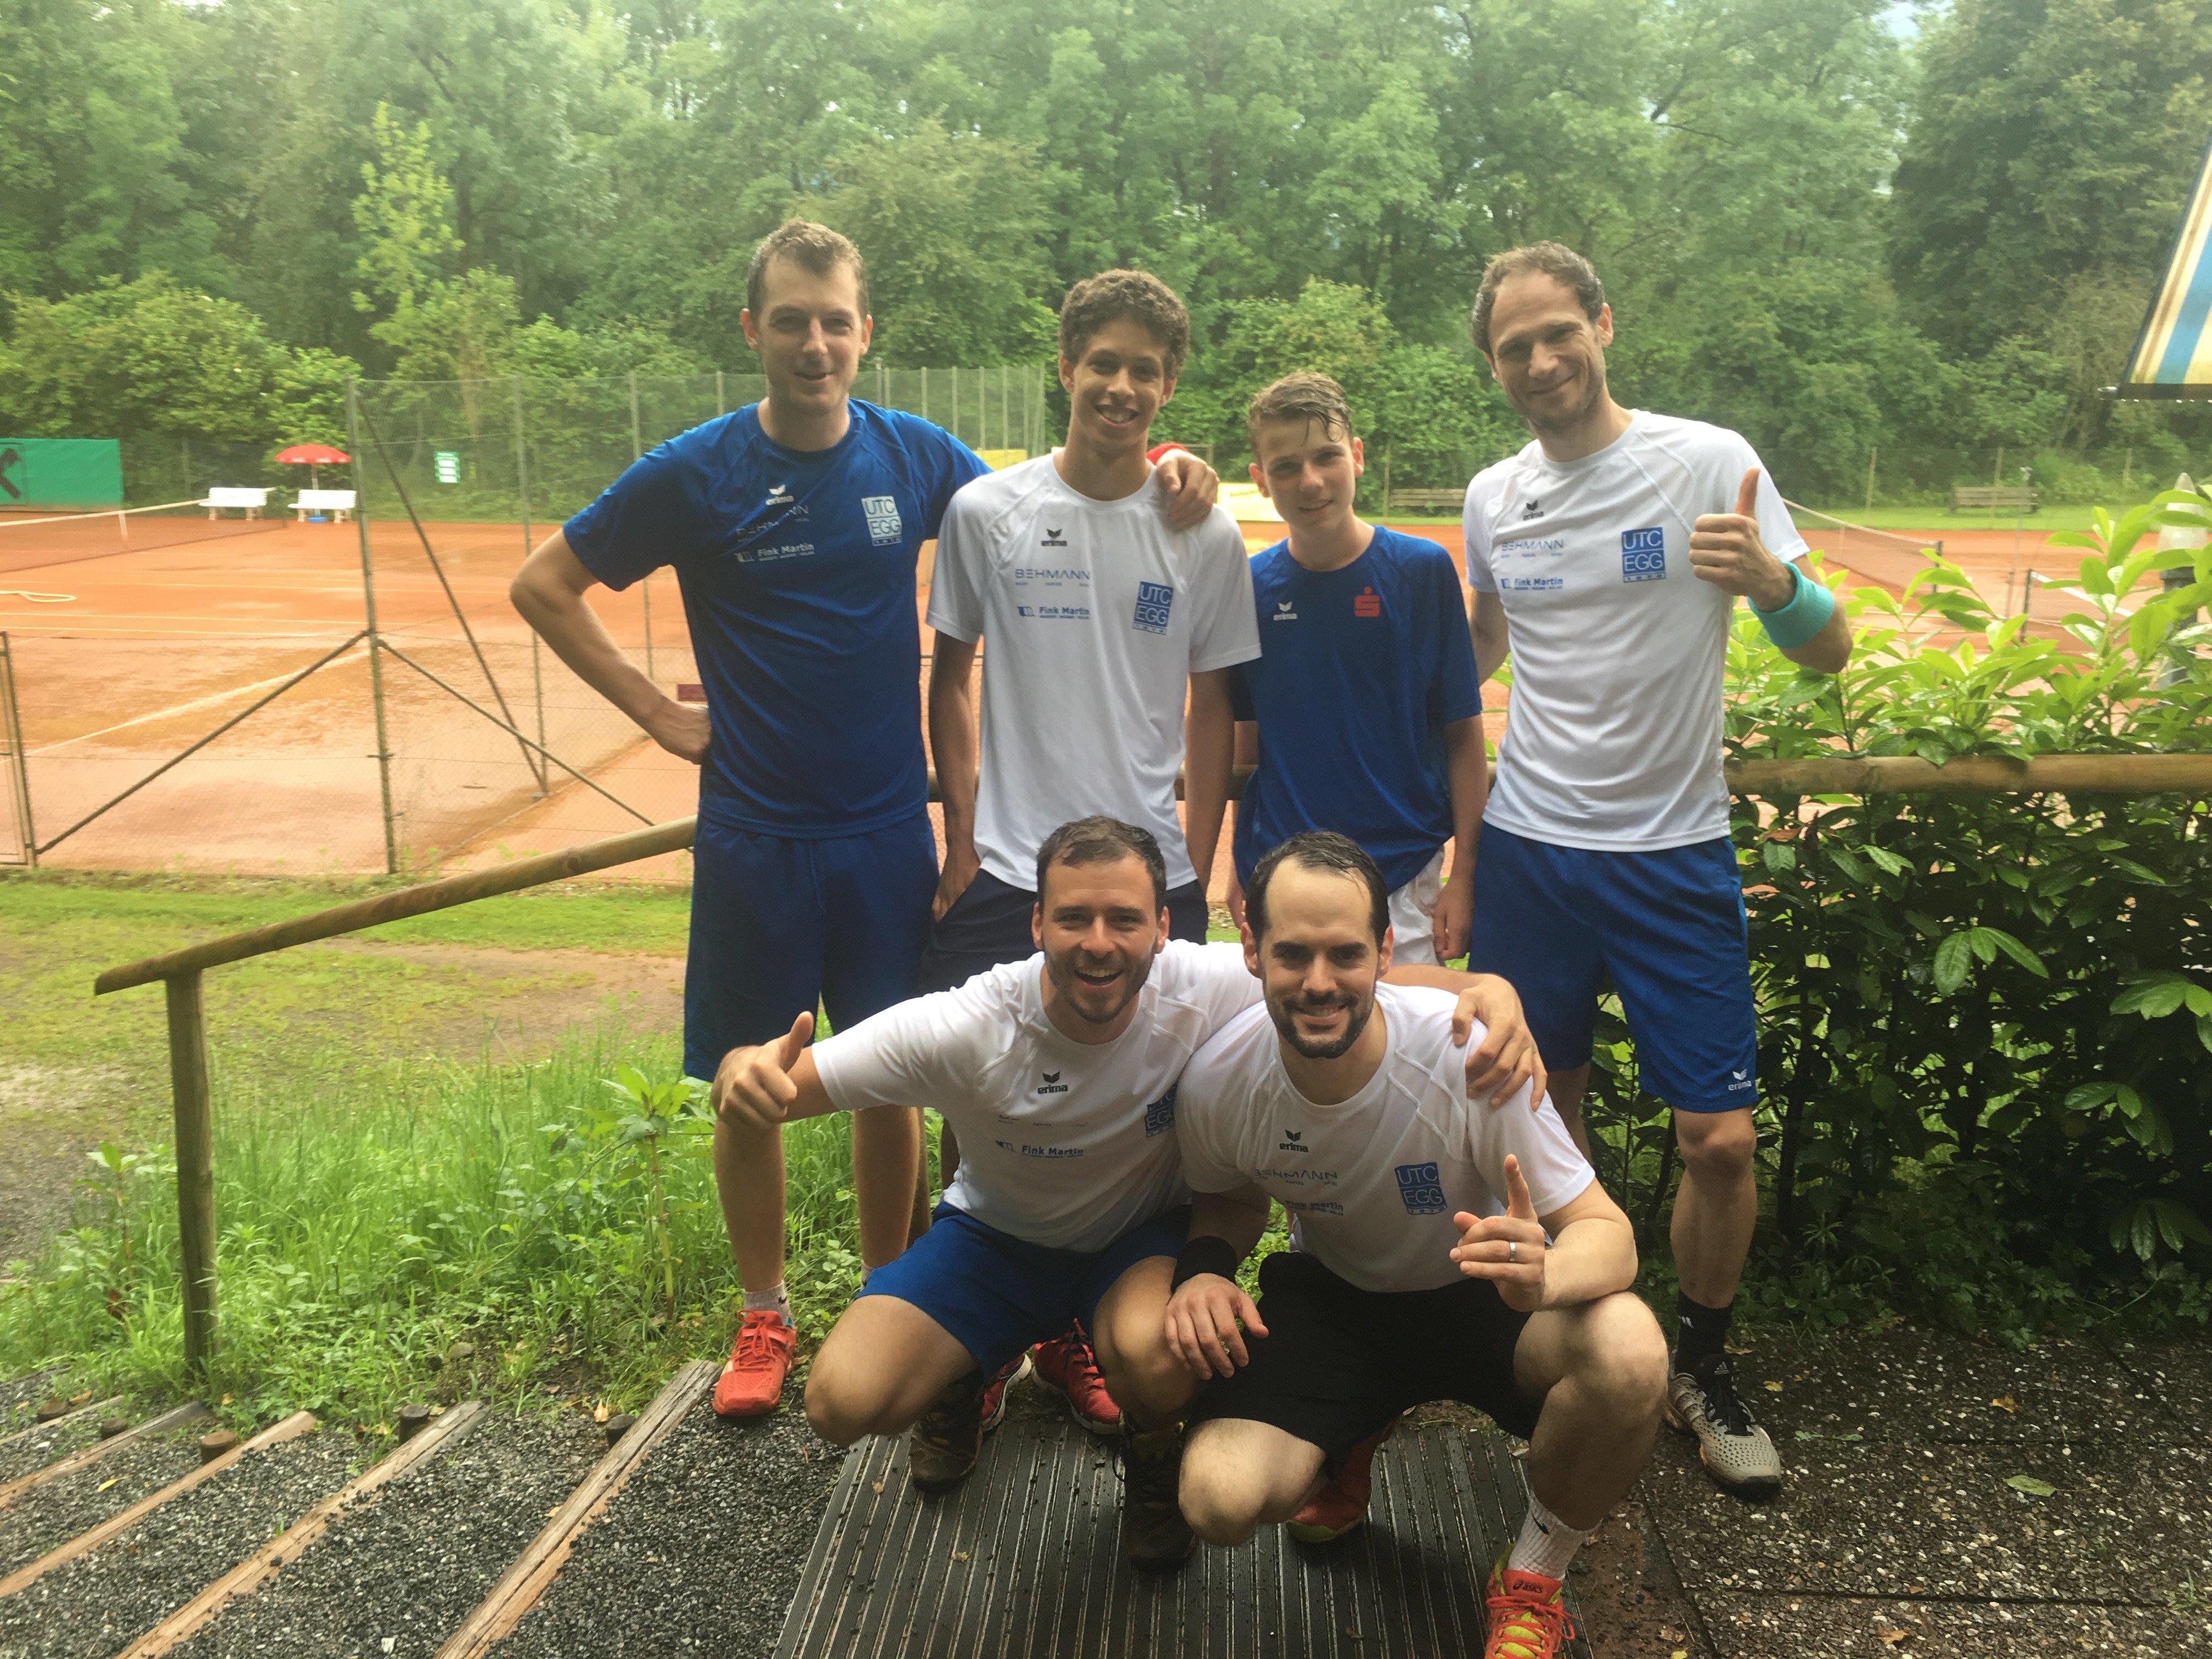 Das Herrenteam des UTC Egg spielt erstmals in der A-Liga